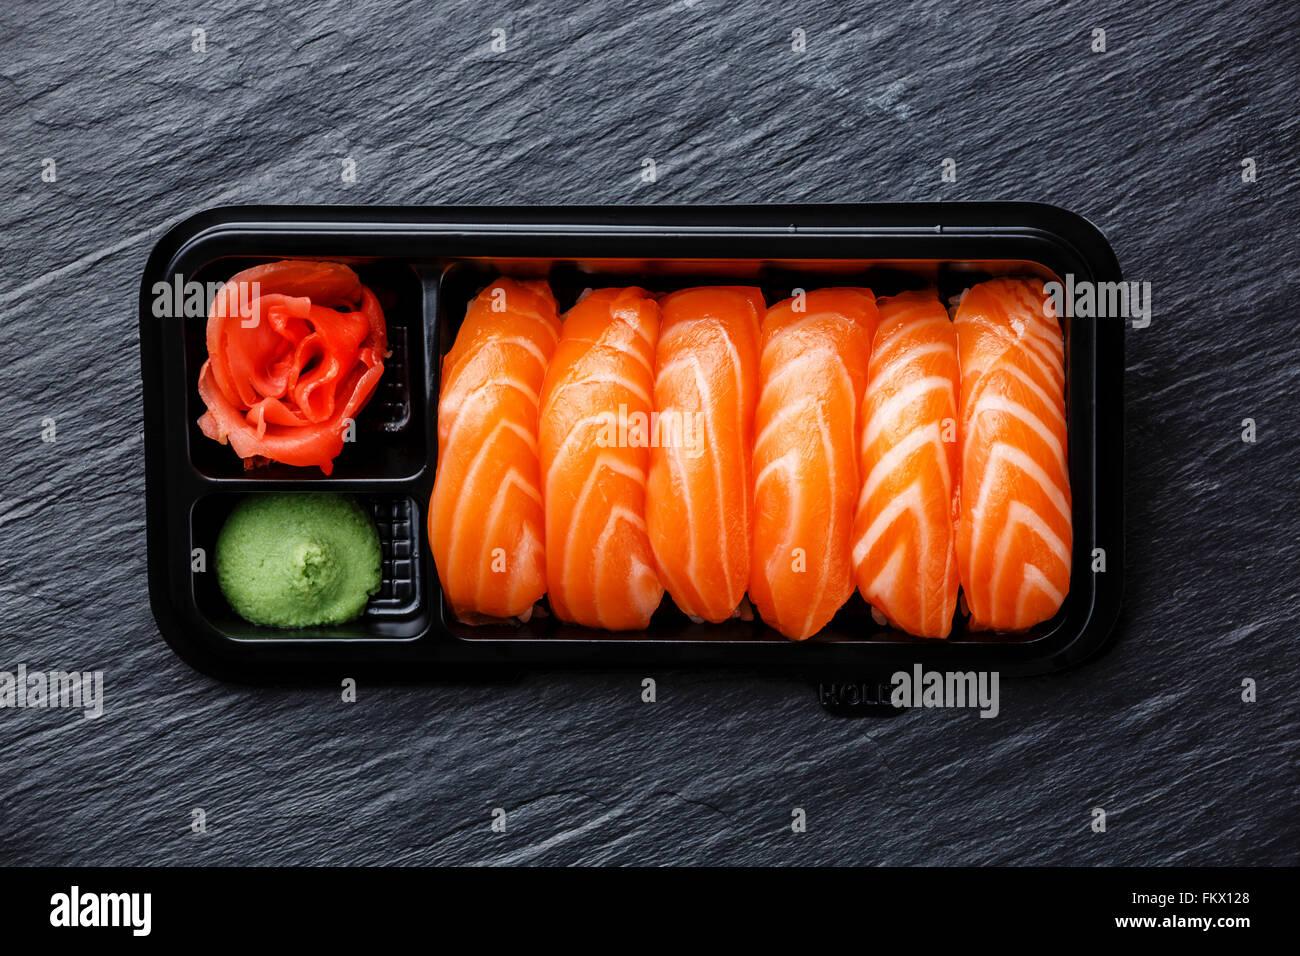 Sushi nigiri de salmón en una caja de plástico de embalaje en bandeja de piedra negra de fondo de pizarra Imagen De Stock